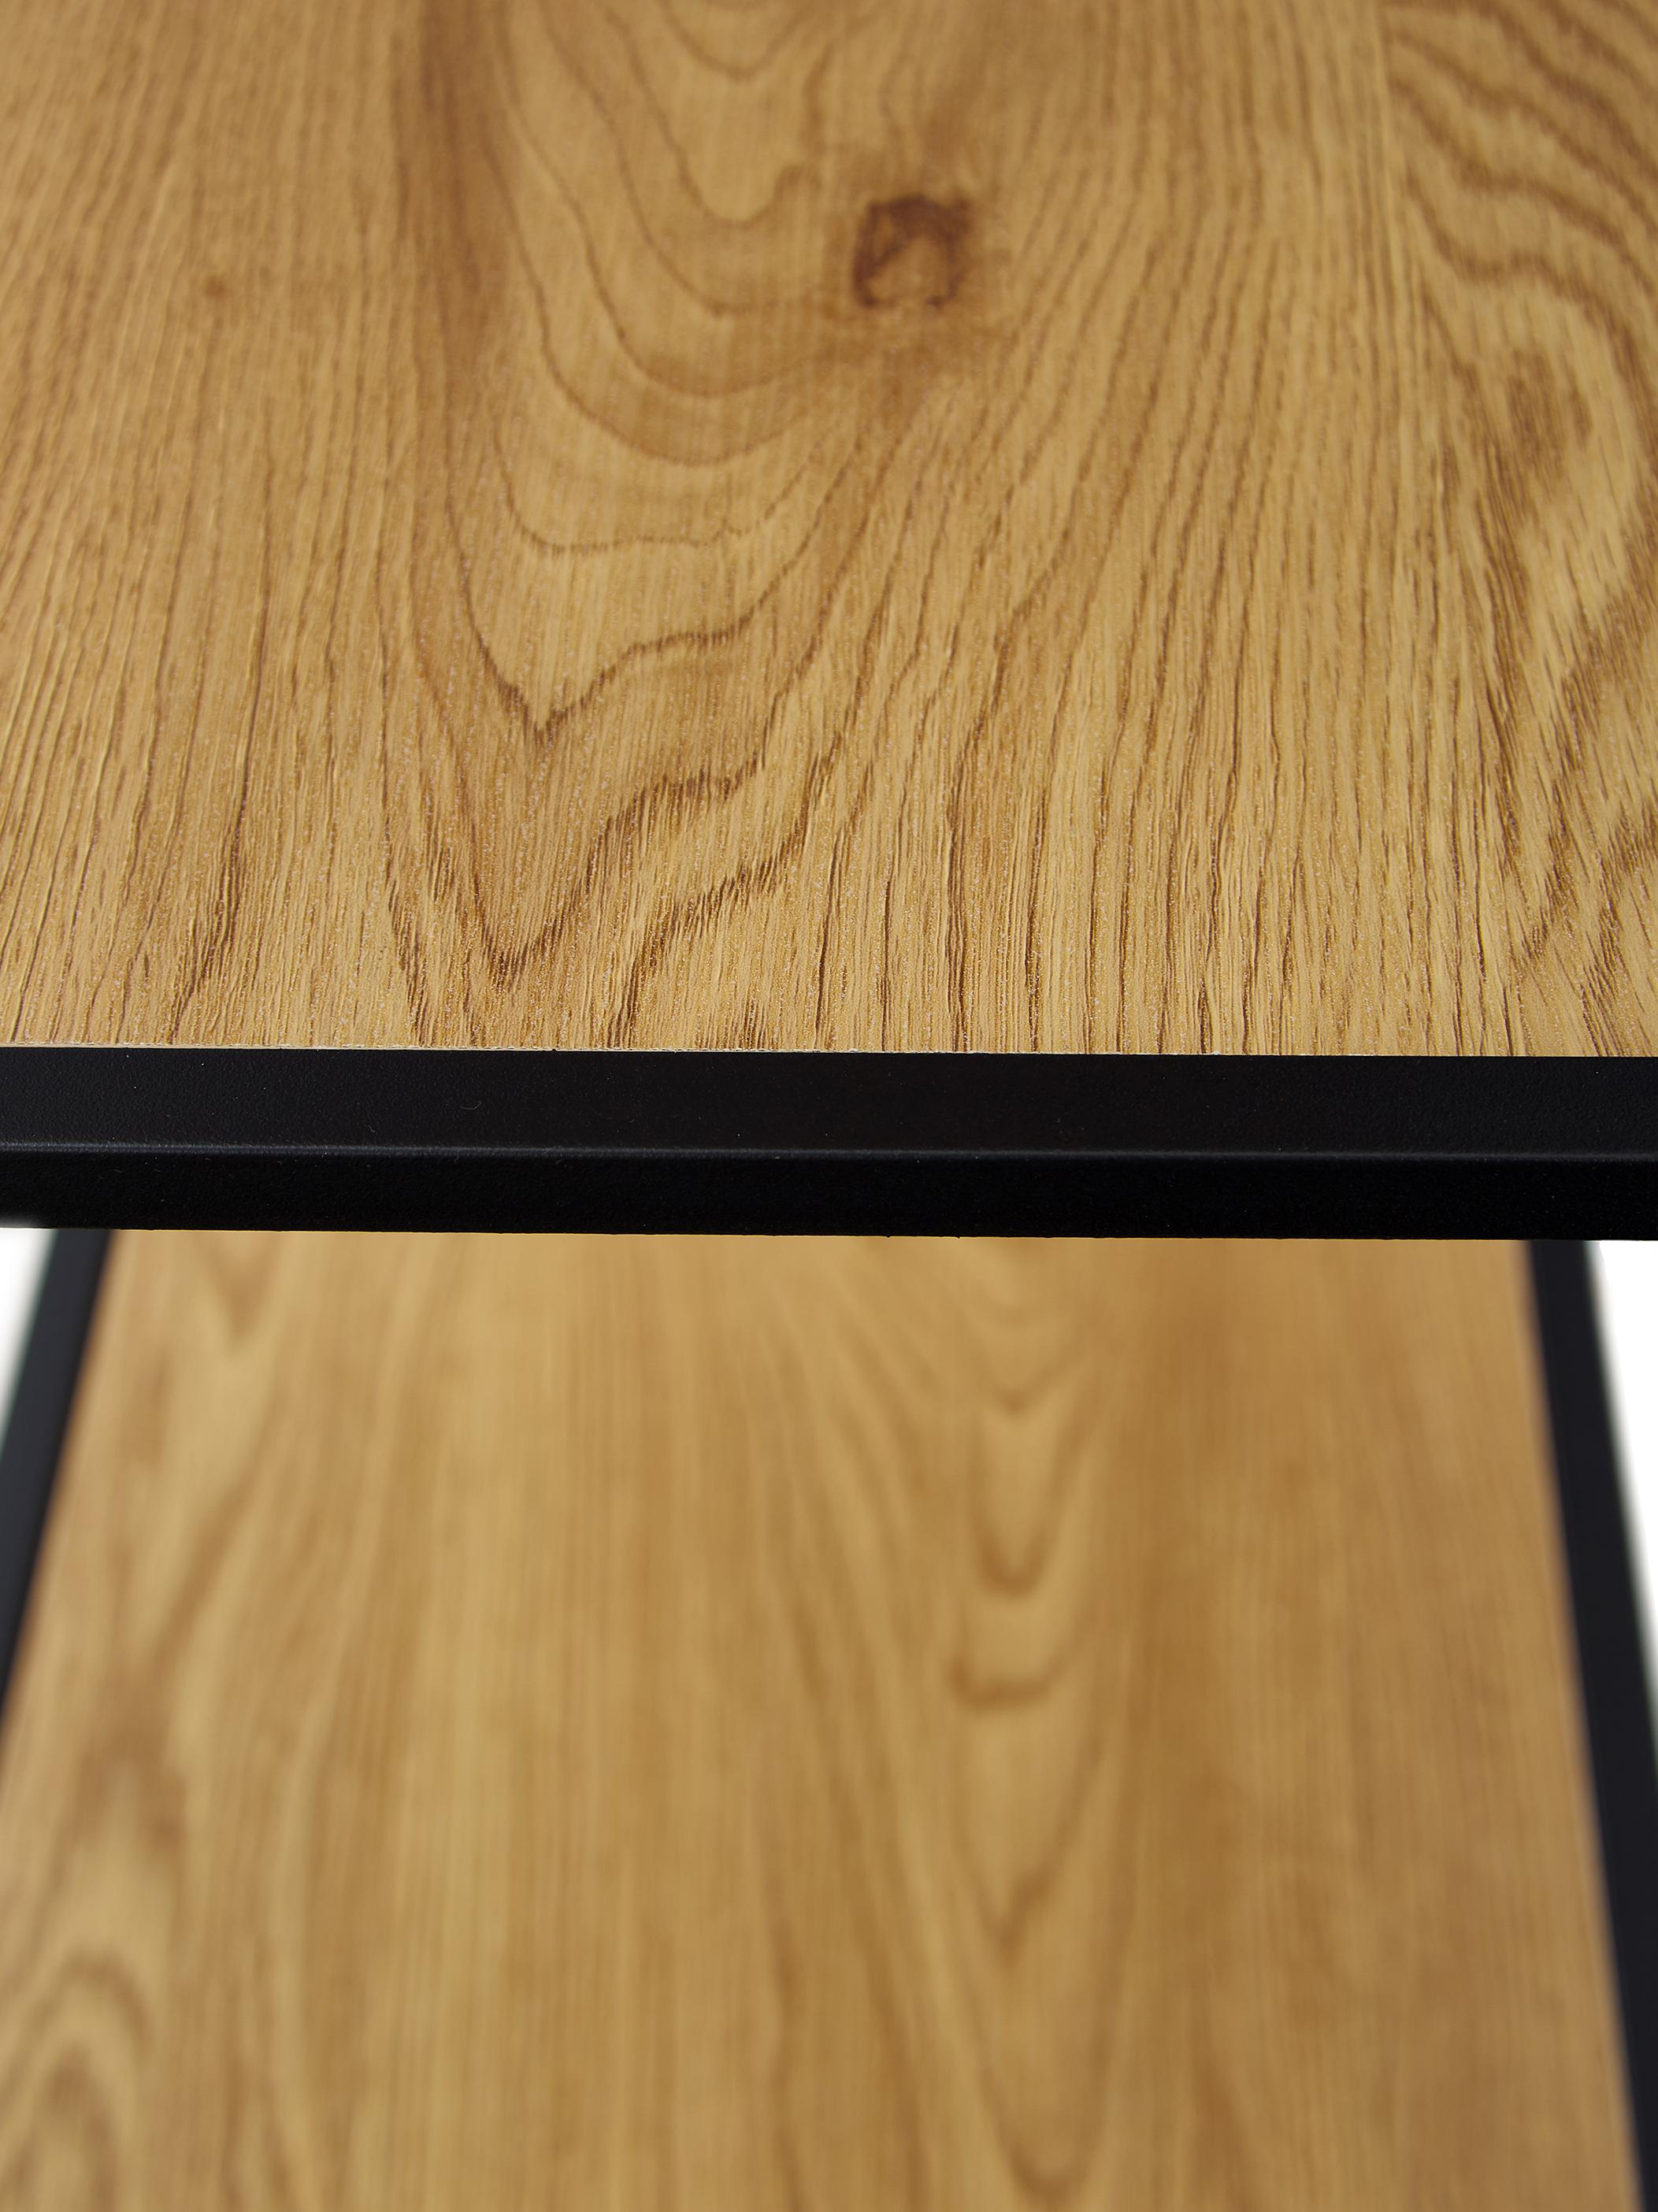 Standregal Seaford aus Holz und Metall, Einlegeböden: Mitteldichte Holzfaserpla, Gestell: Metall, pulverbeschichtet, Einlegeböden: Wildeiche Gestell: Schwarz, 77 x 150 cm